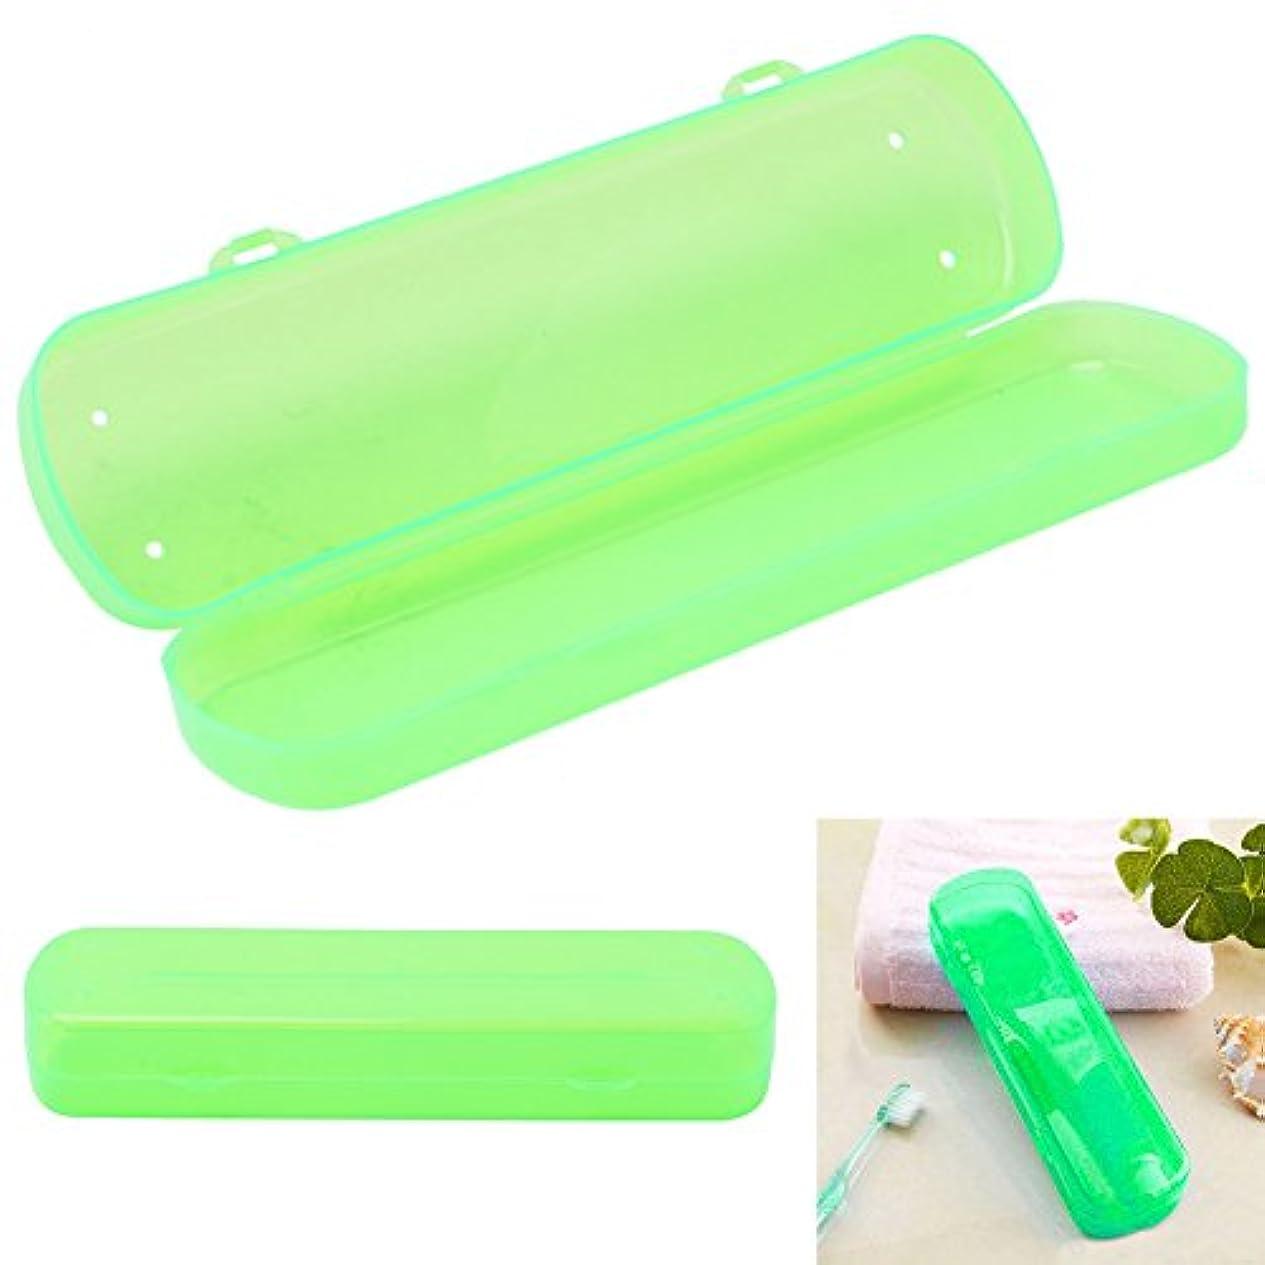 見ました電圧口Merssavo プラスチック製歯ブラシケース/旅行用ホルダー(グリーン)